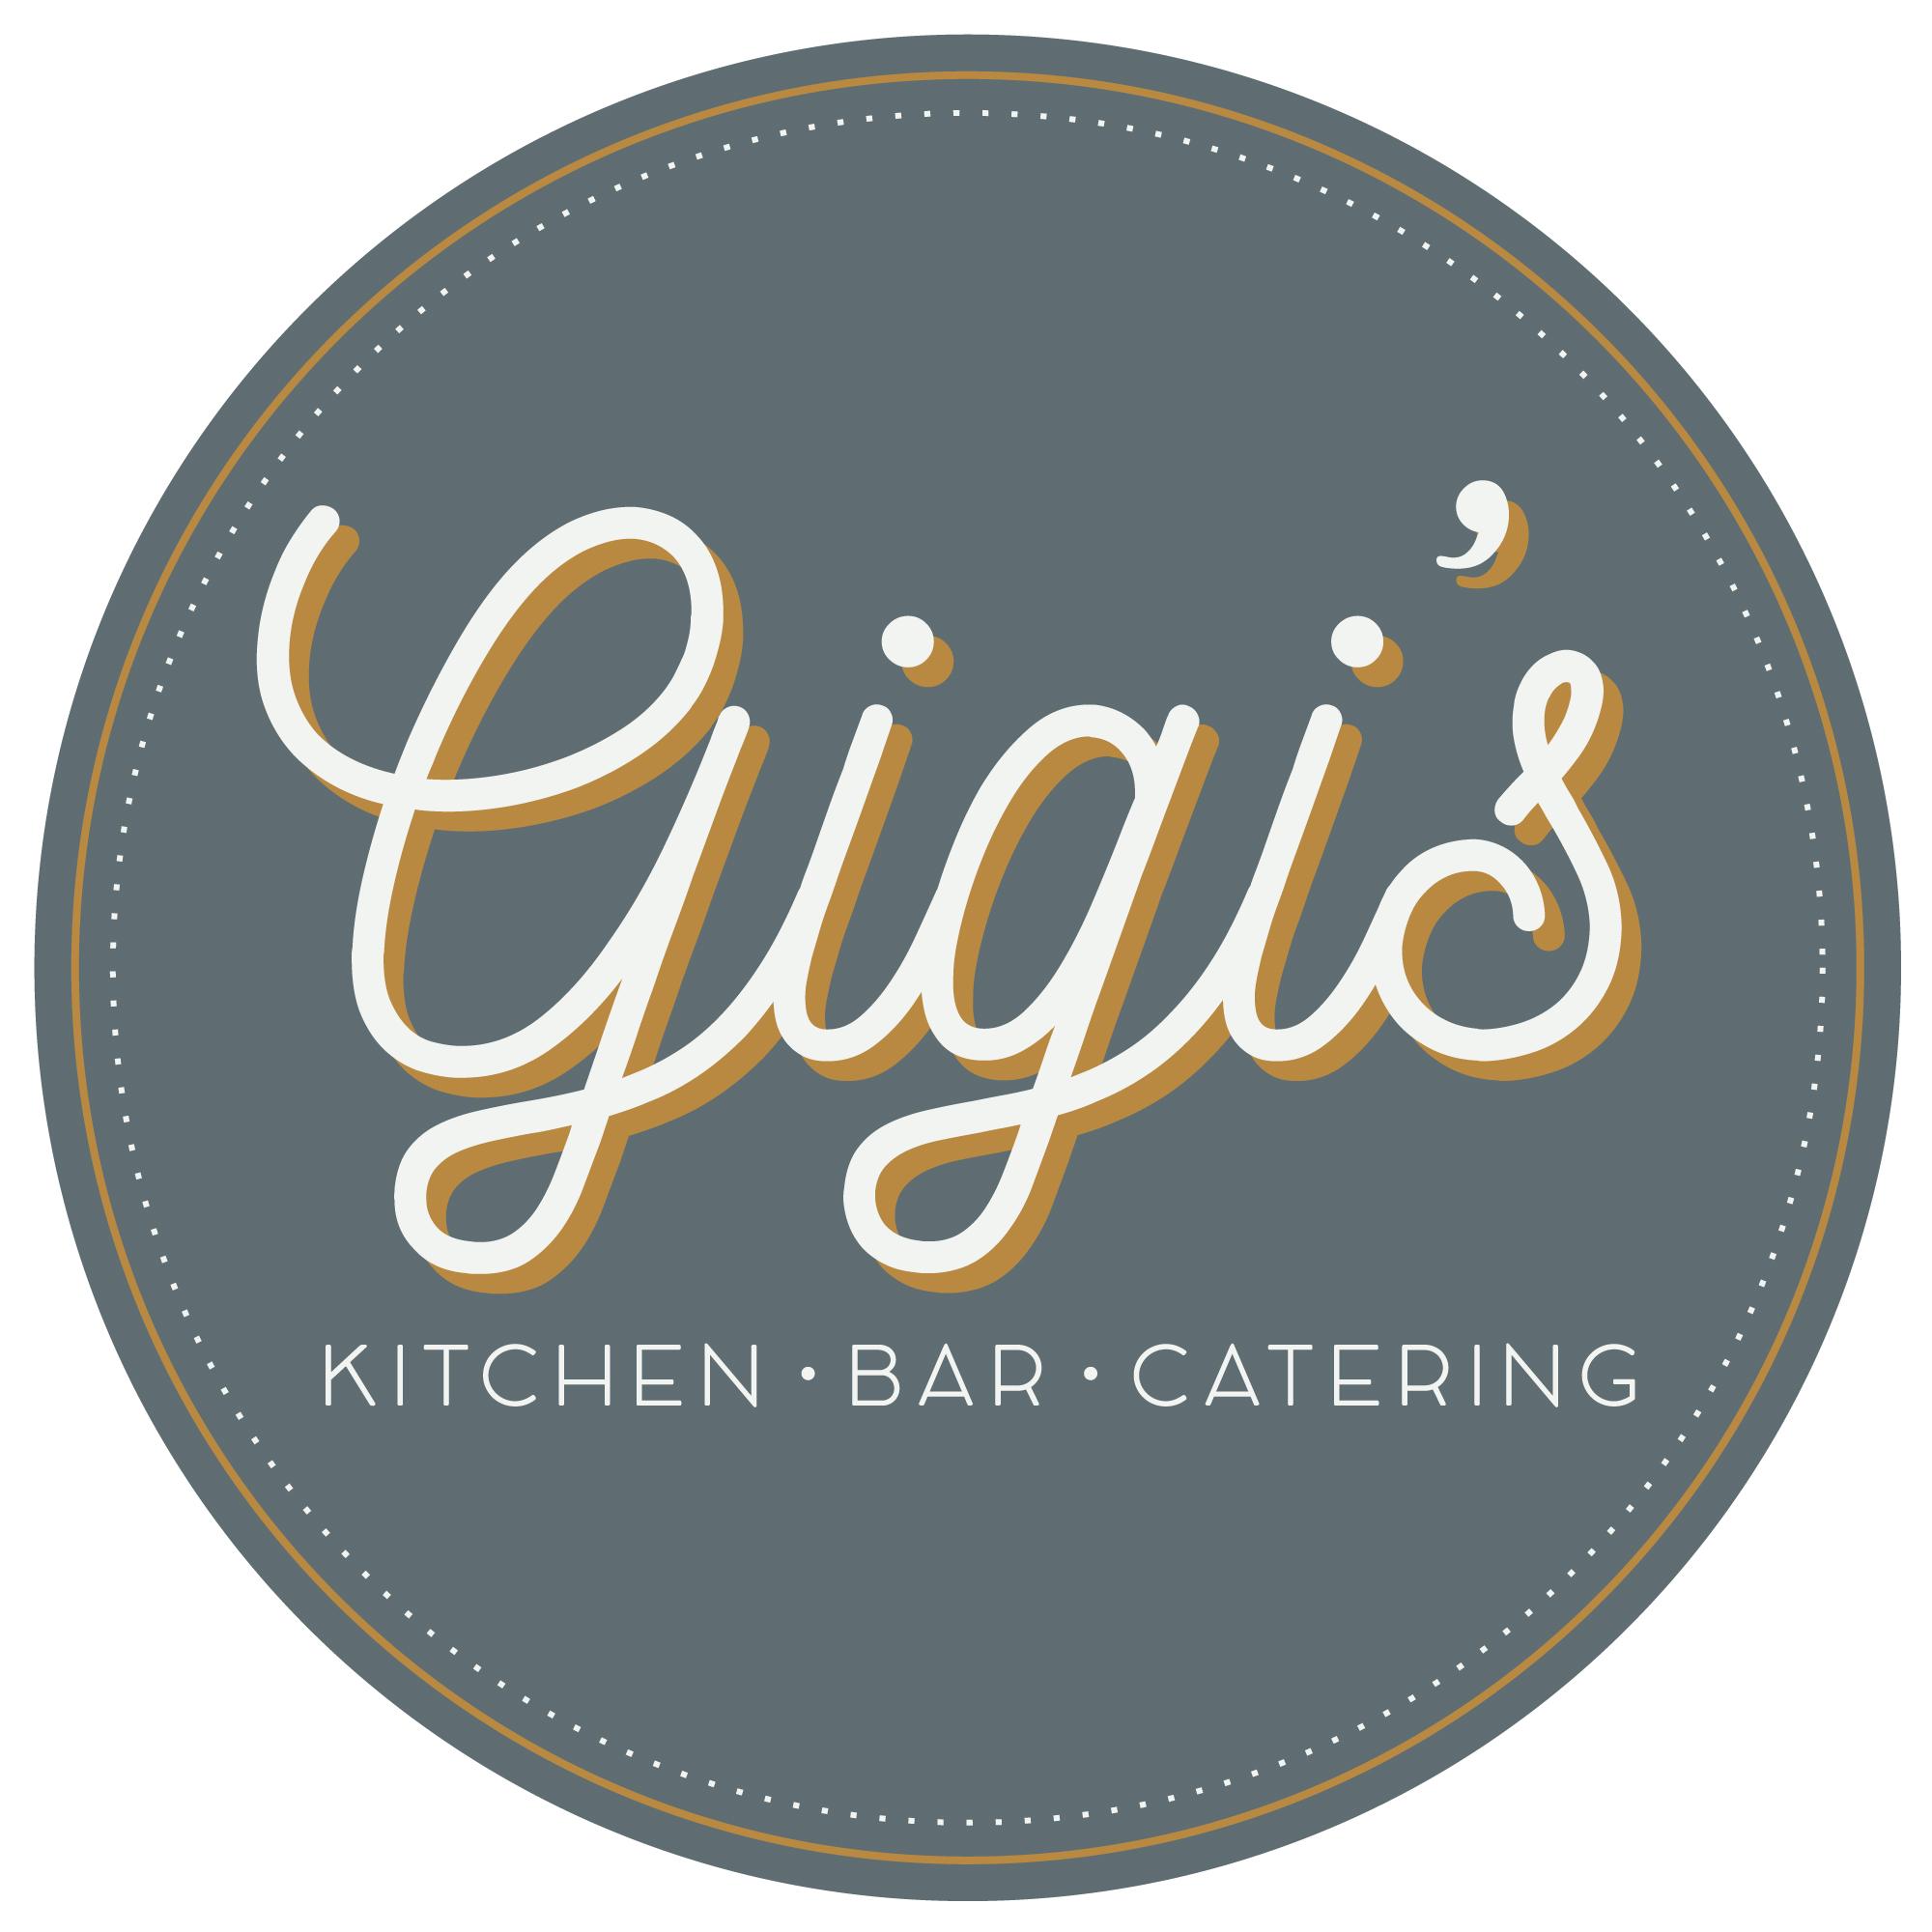 Gigis - Circle - Grey - KBC.jpg